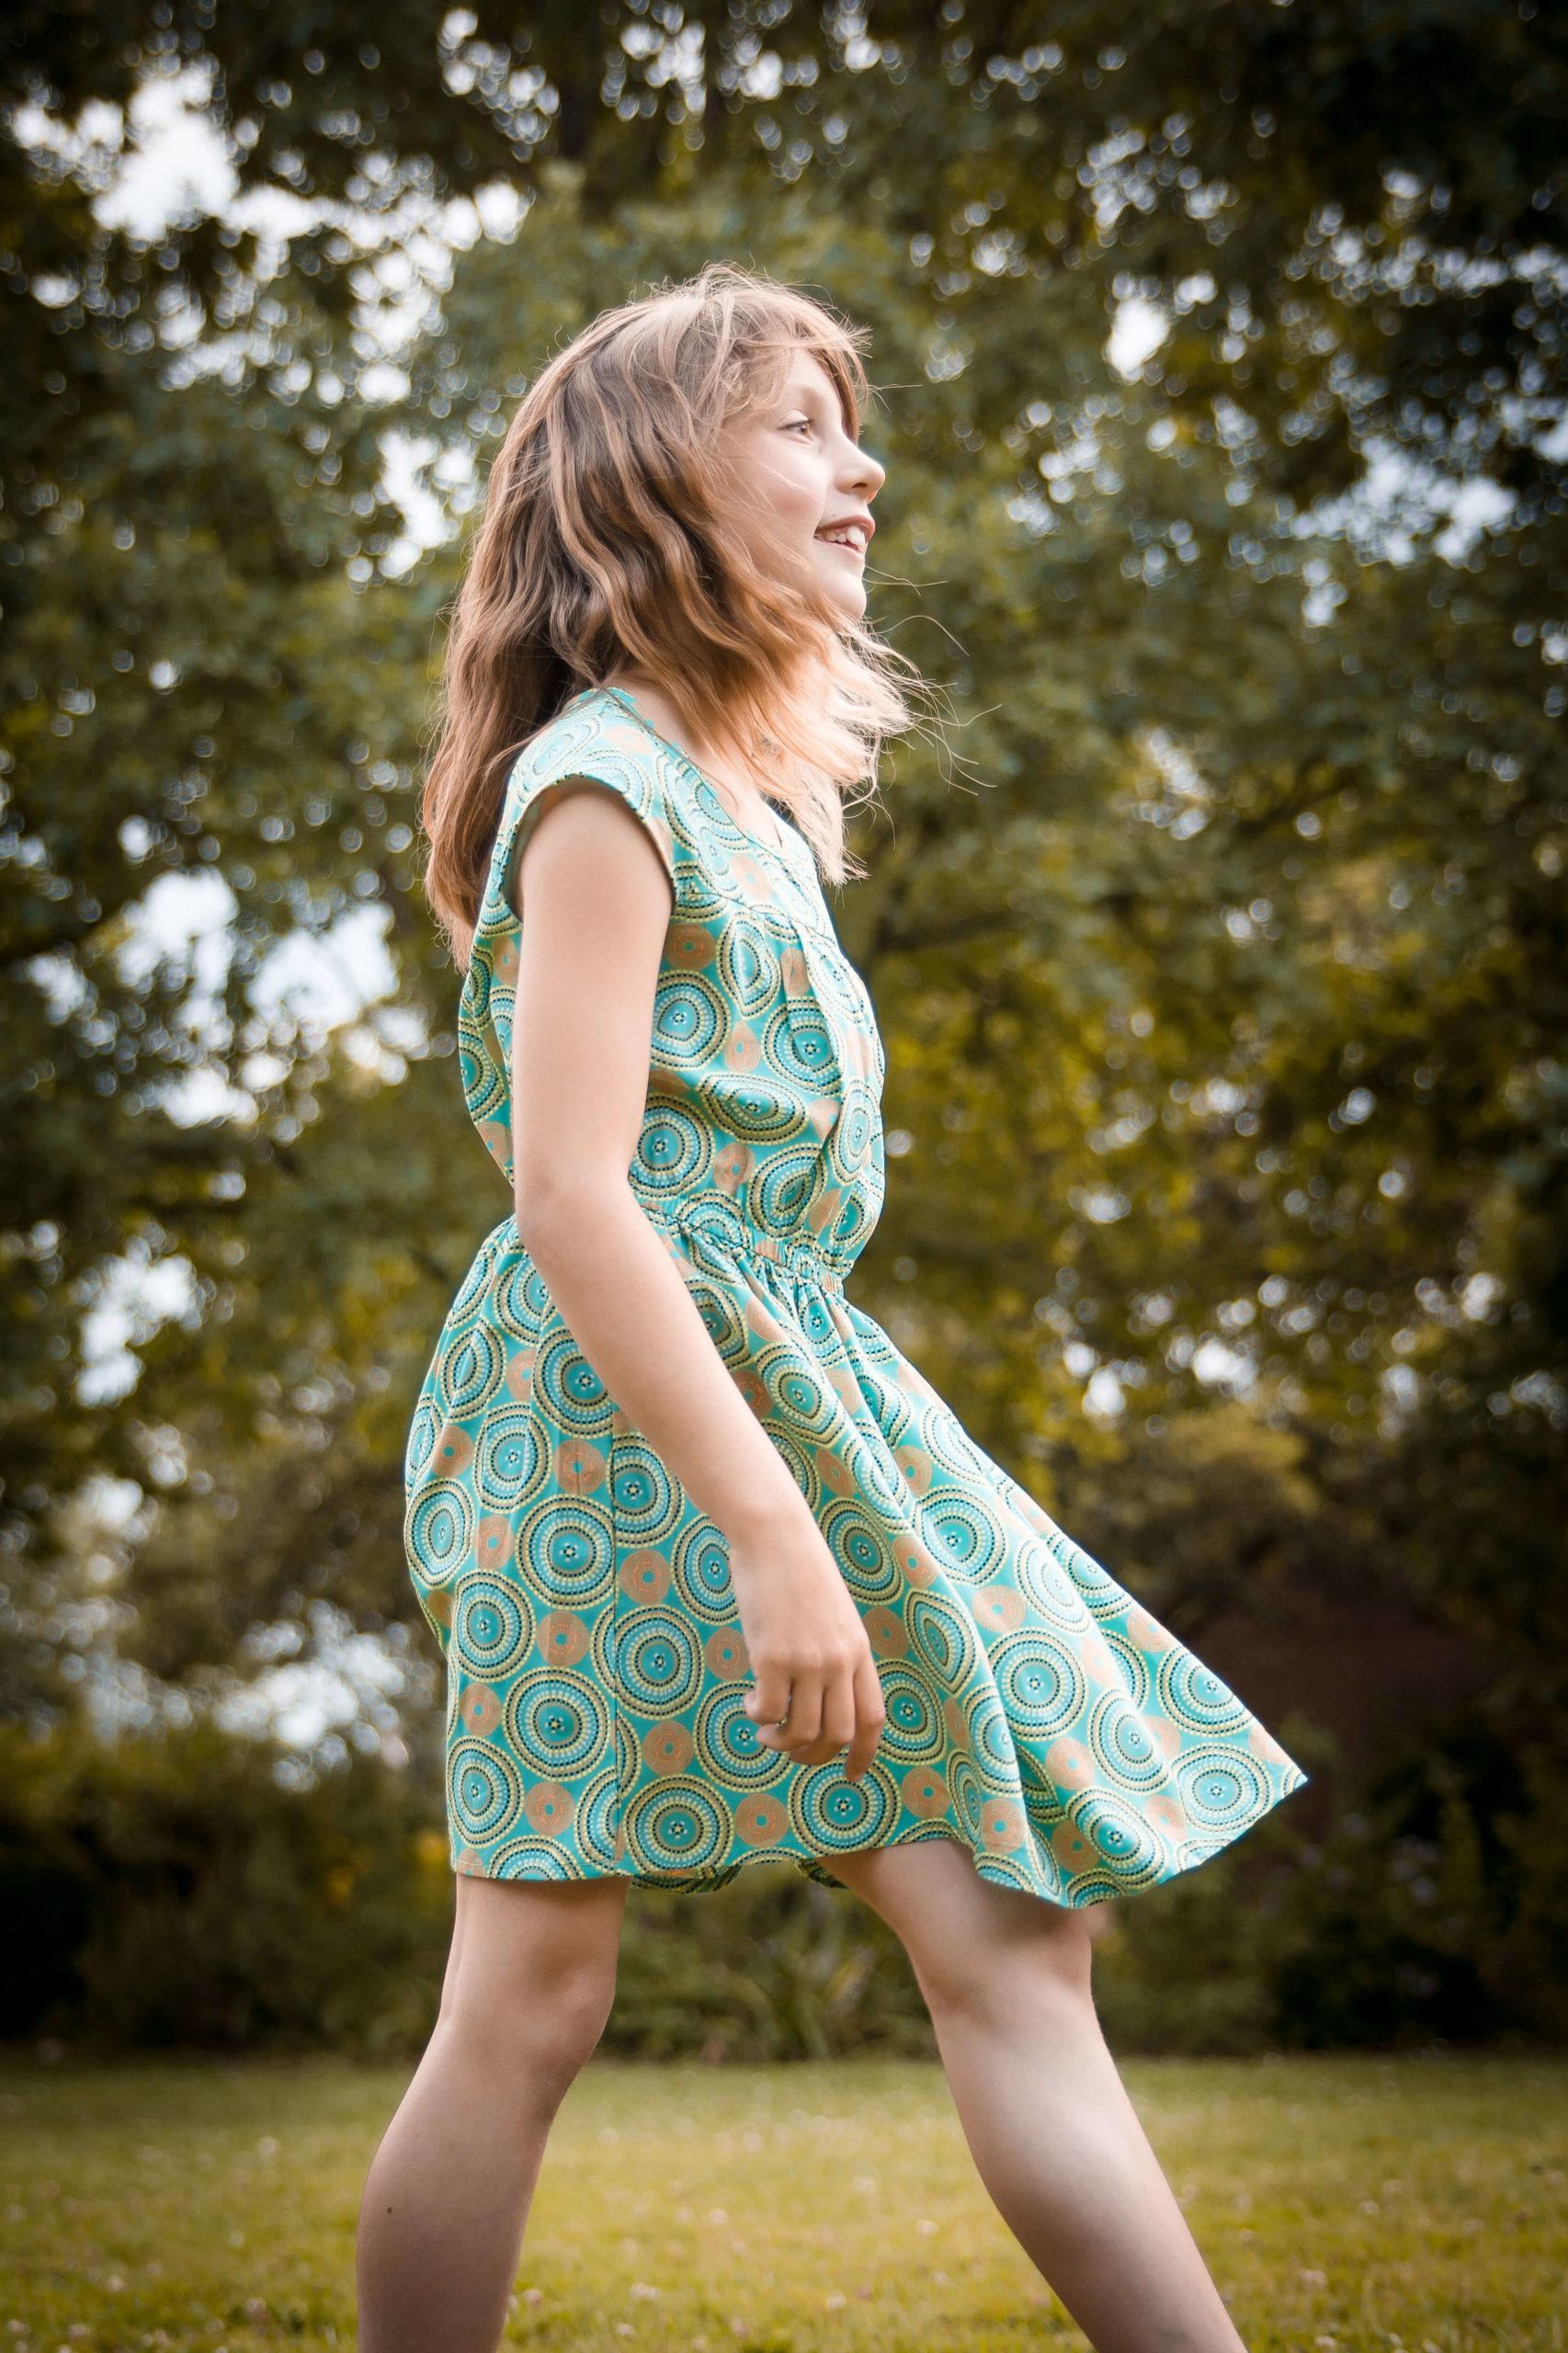 Photographie d'une petite fille jouant dans un parc, la robe et les cheveux au vent.